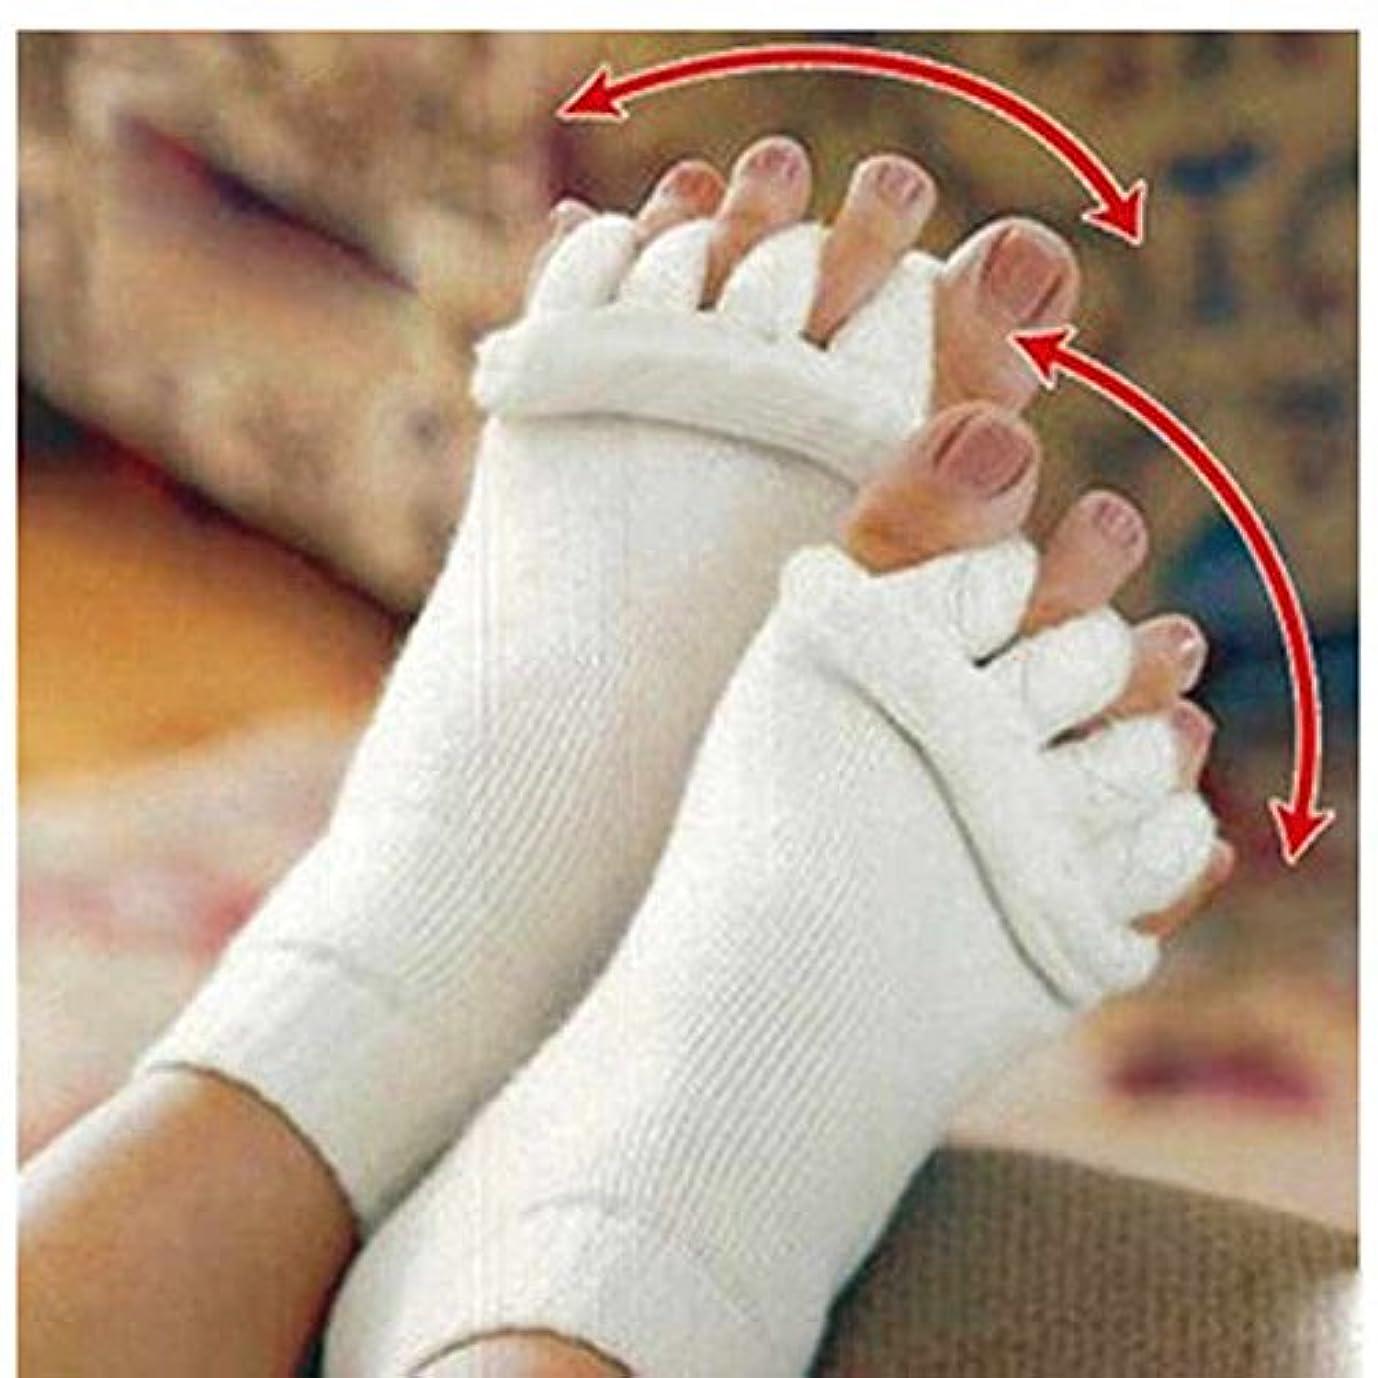 マスタード集めるたくさんのLorny(TM) 2個マッサージファイブつま先ソックス指セパレーター骨の親指女性ソックスのためにコレクターの痛みを軽減するソックスペディキュア足セパレーターについて